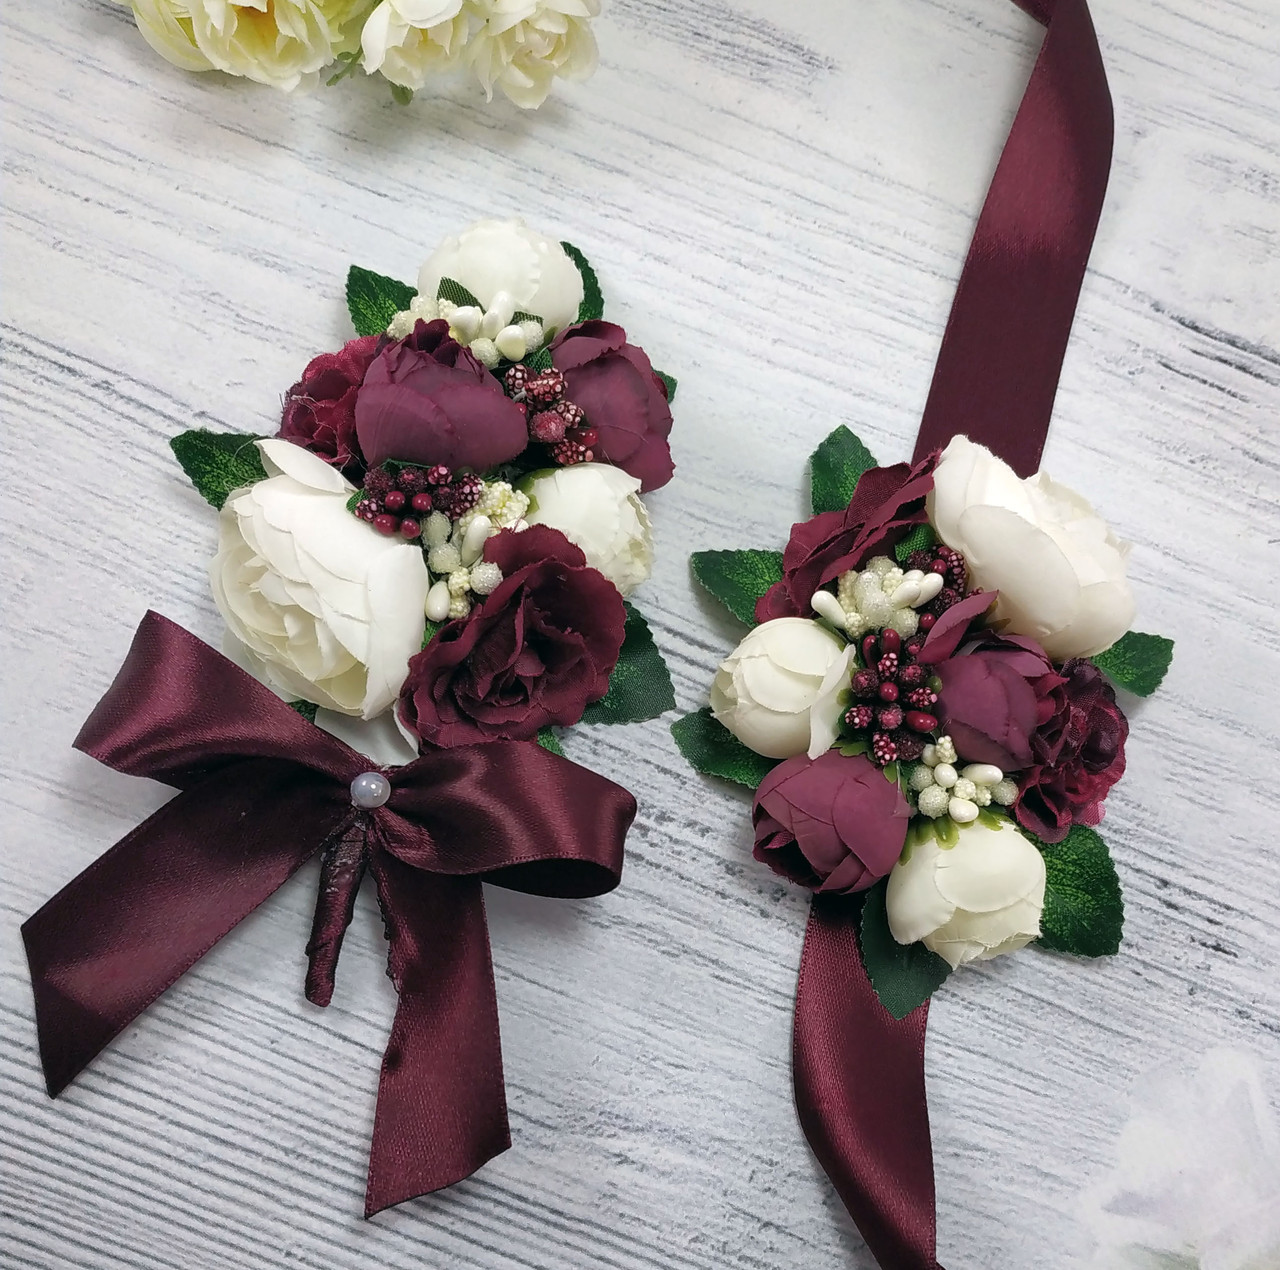 Бутоньерка для жениха и браслет для невесты в цвете марсала